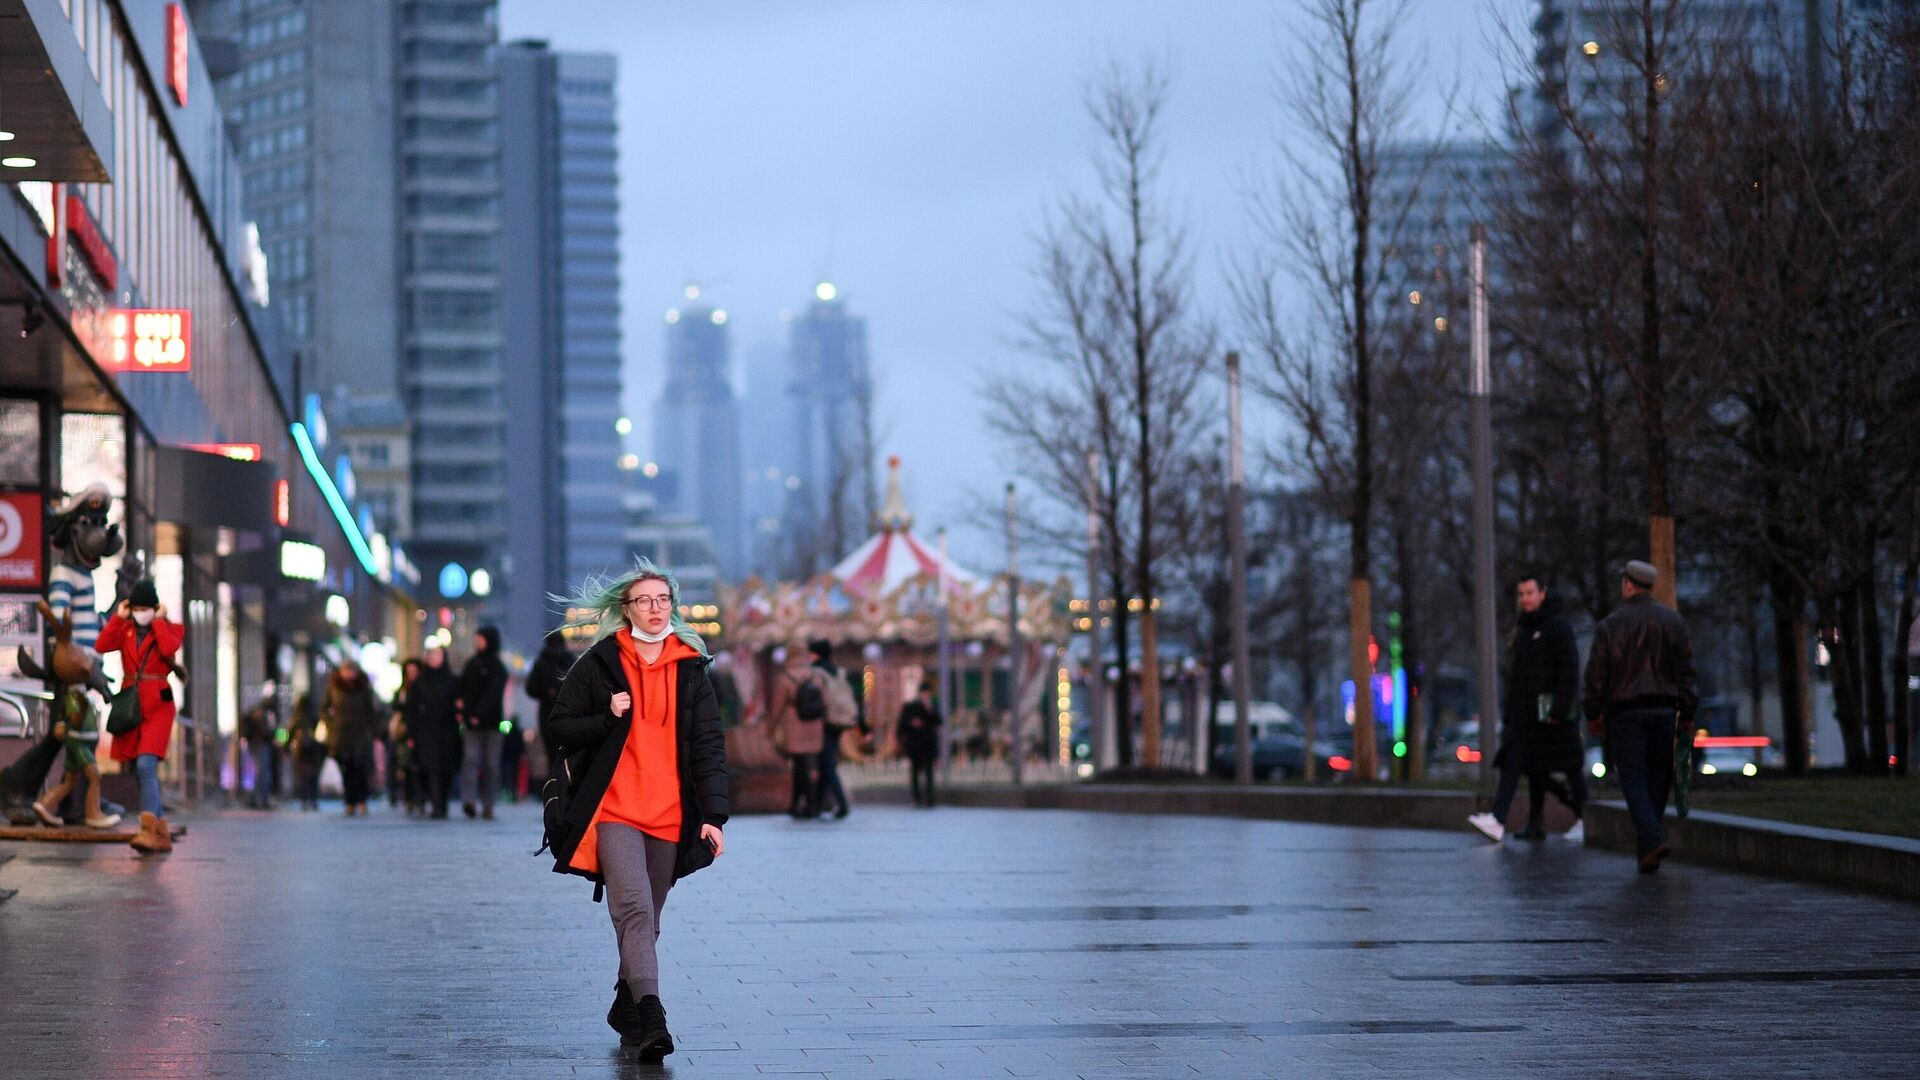 Девушка прогуливается на Новом Арбате в Москве - РИА Новости, 1920, 25.02.2021